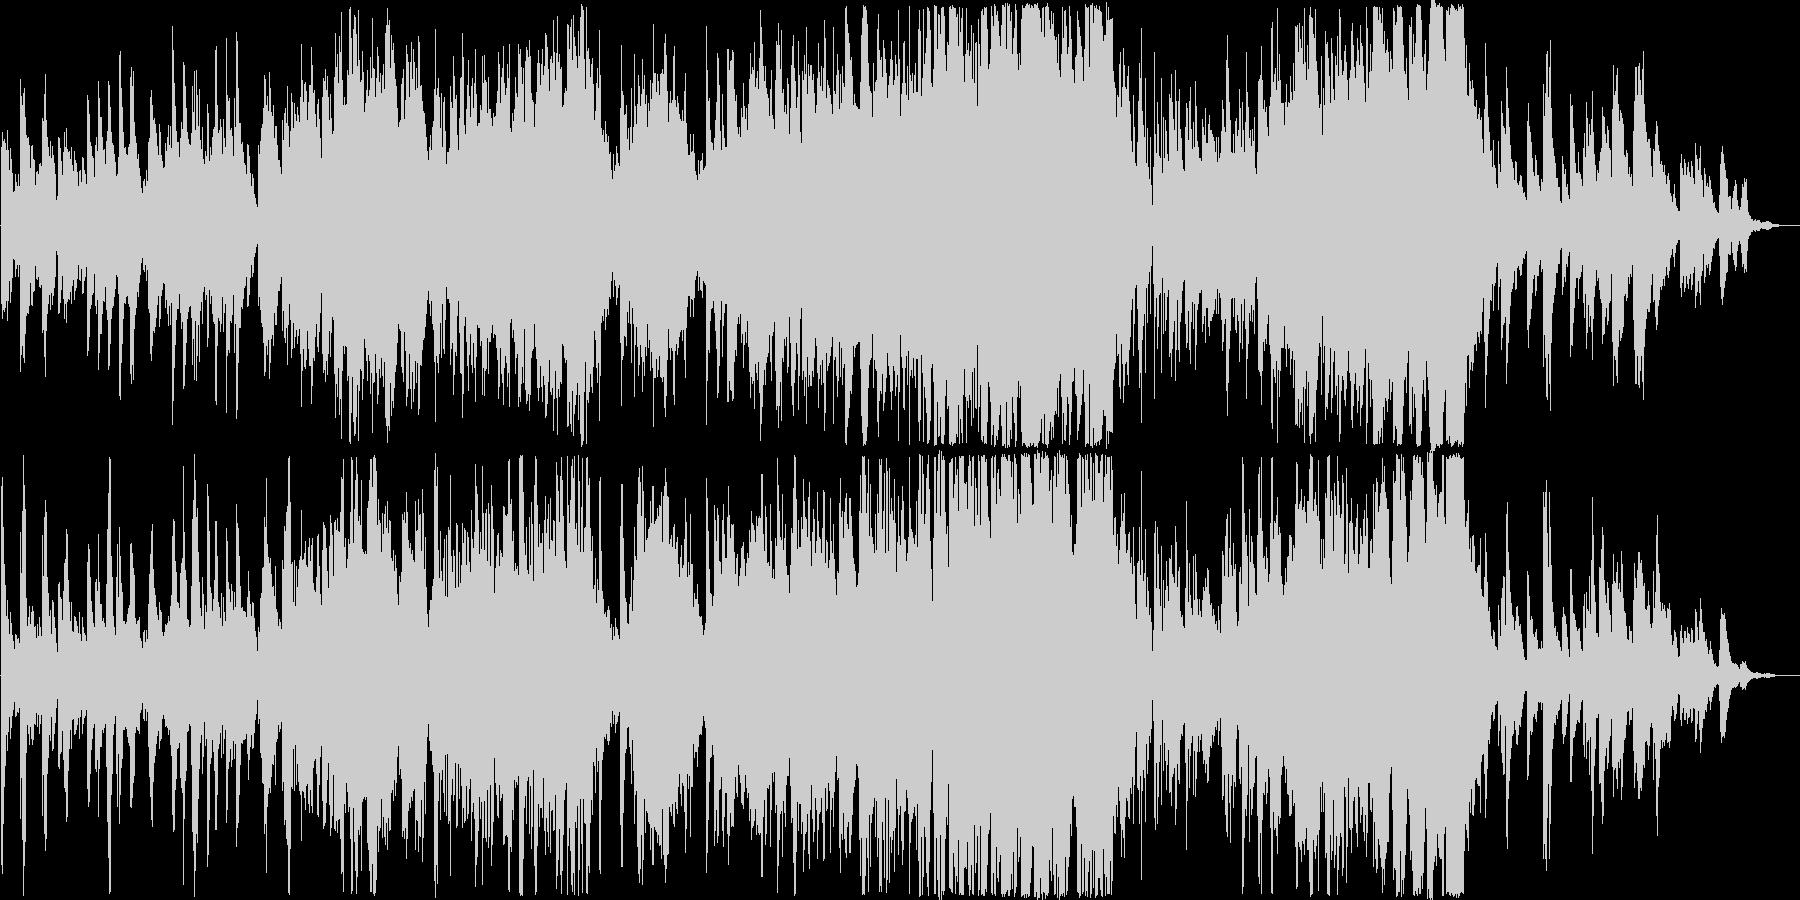 午後のまったりした時にかけるやさしい音楽の未再生の波形